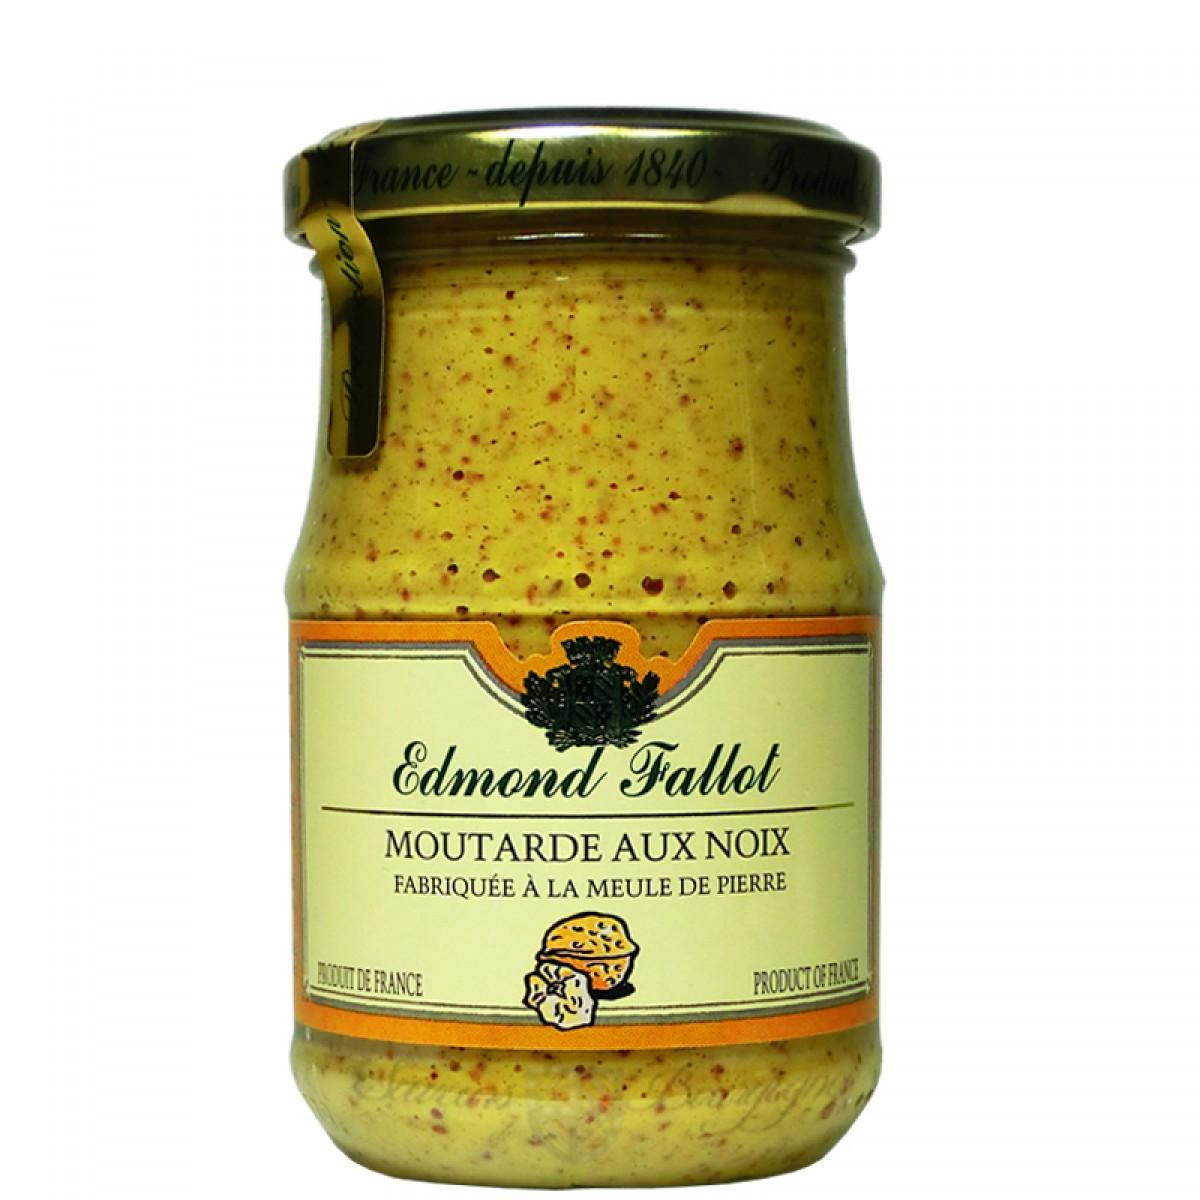 Moutarde aux noix 210g fallot saveurs de bourgogne produits du terroir - Moutarde fallot visite ...